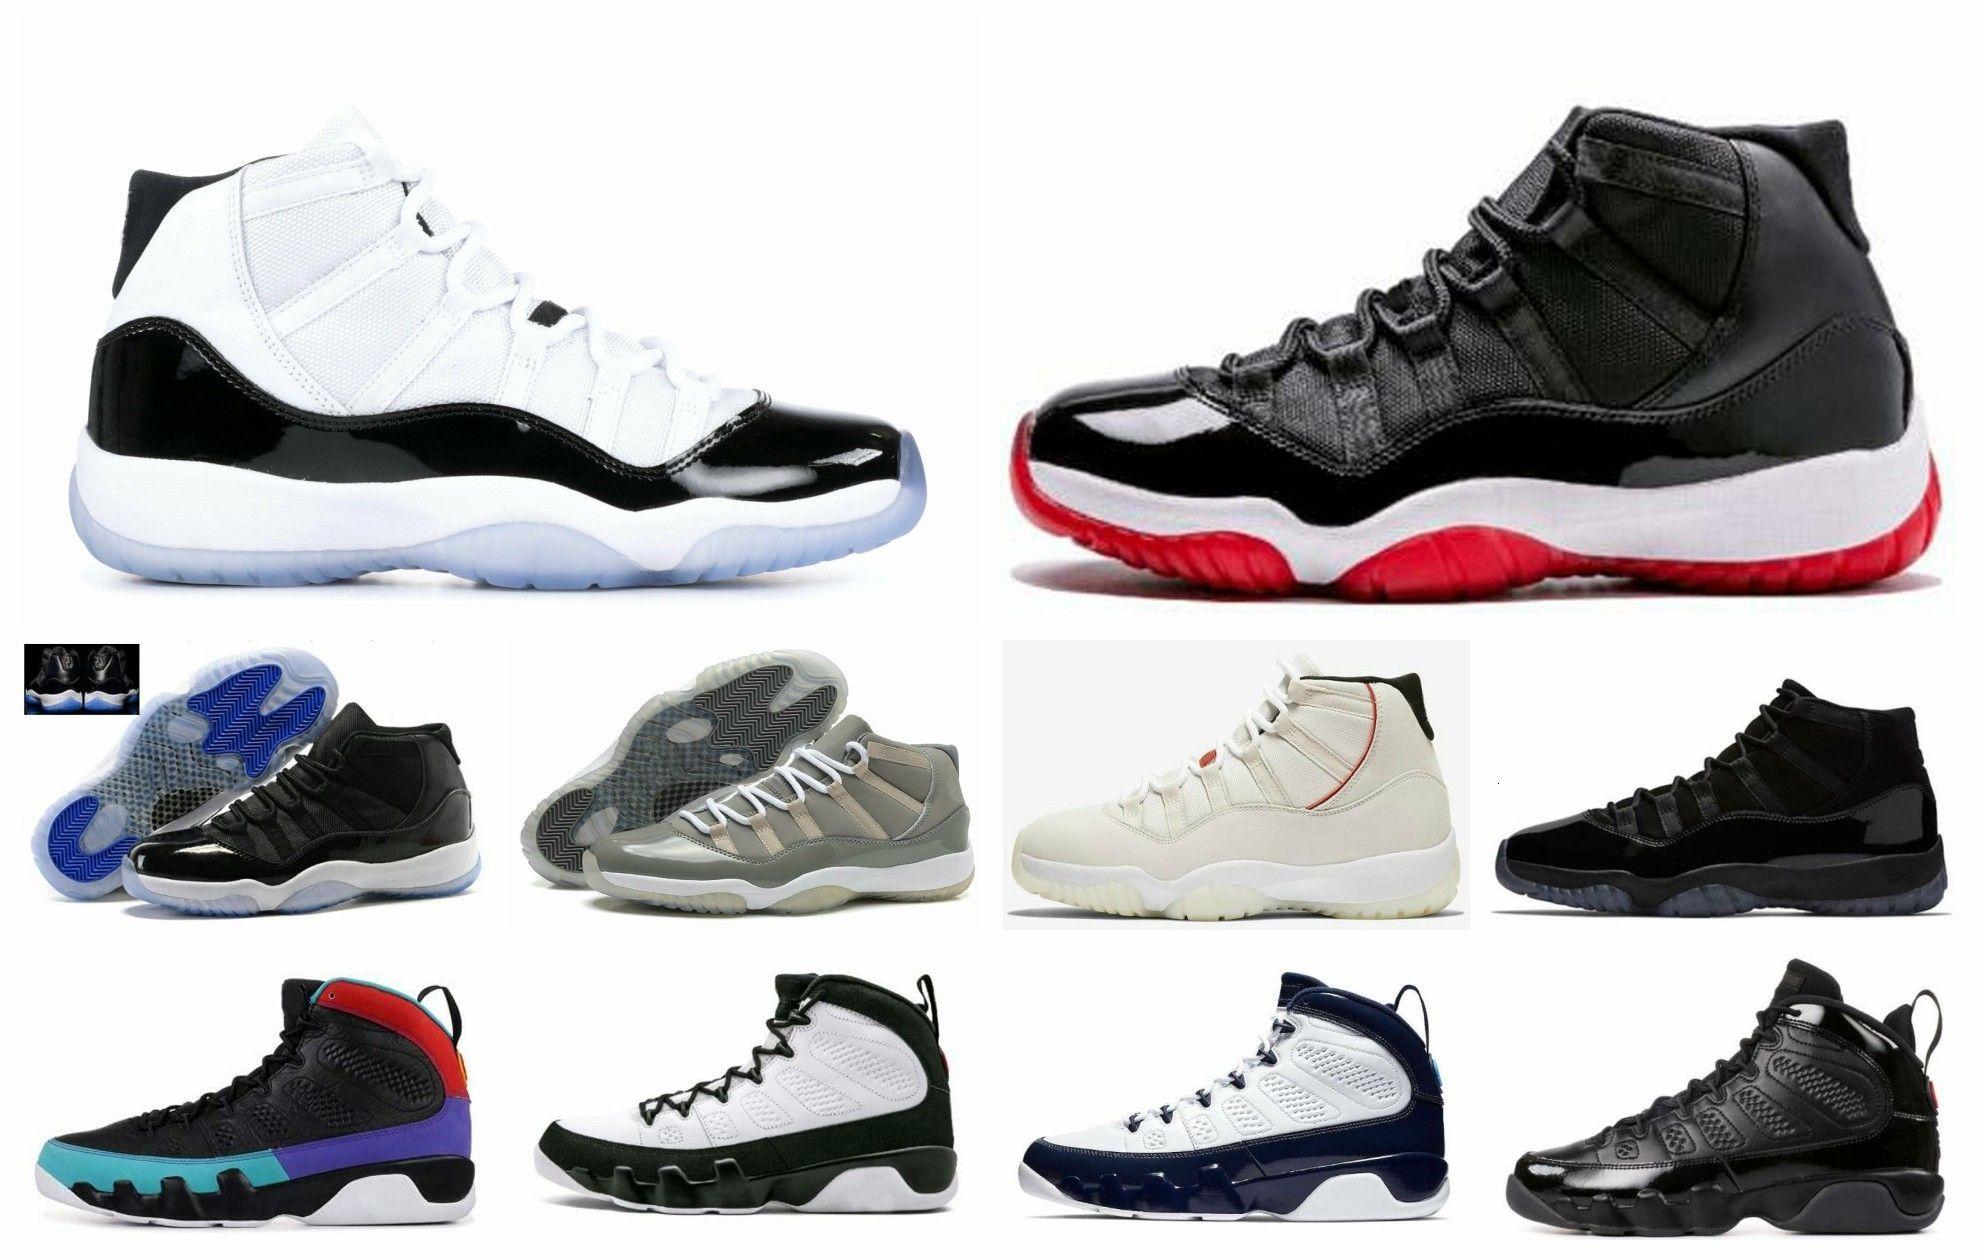 2019 45 11 9 Box Bred Basketball Concord Com S boné e um vestido Sneakers Sonho Do It Unc Espaço Jams Outdoor Shoes